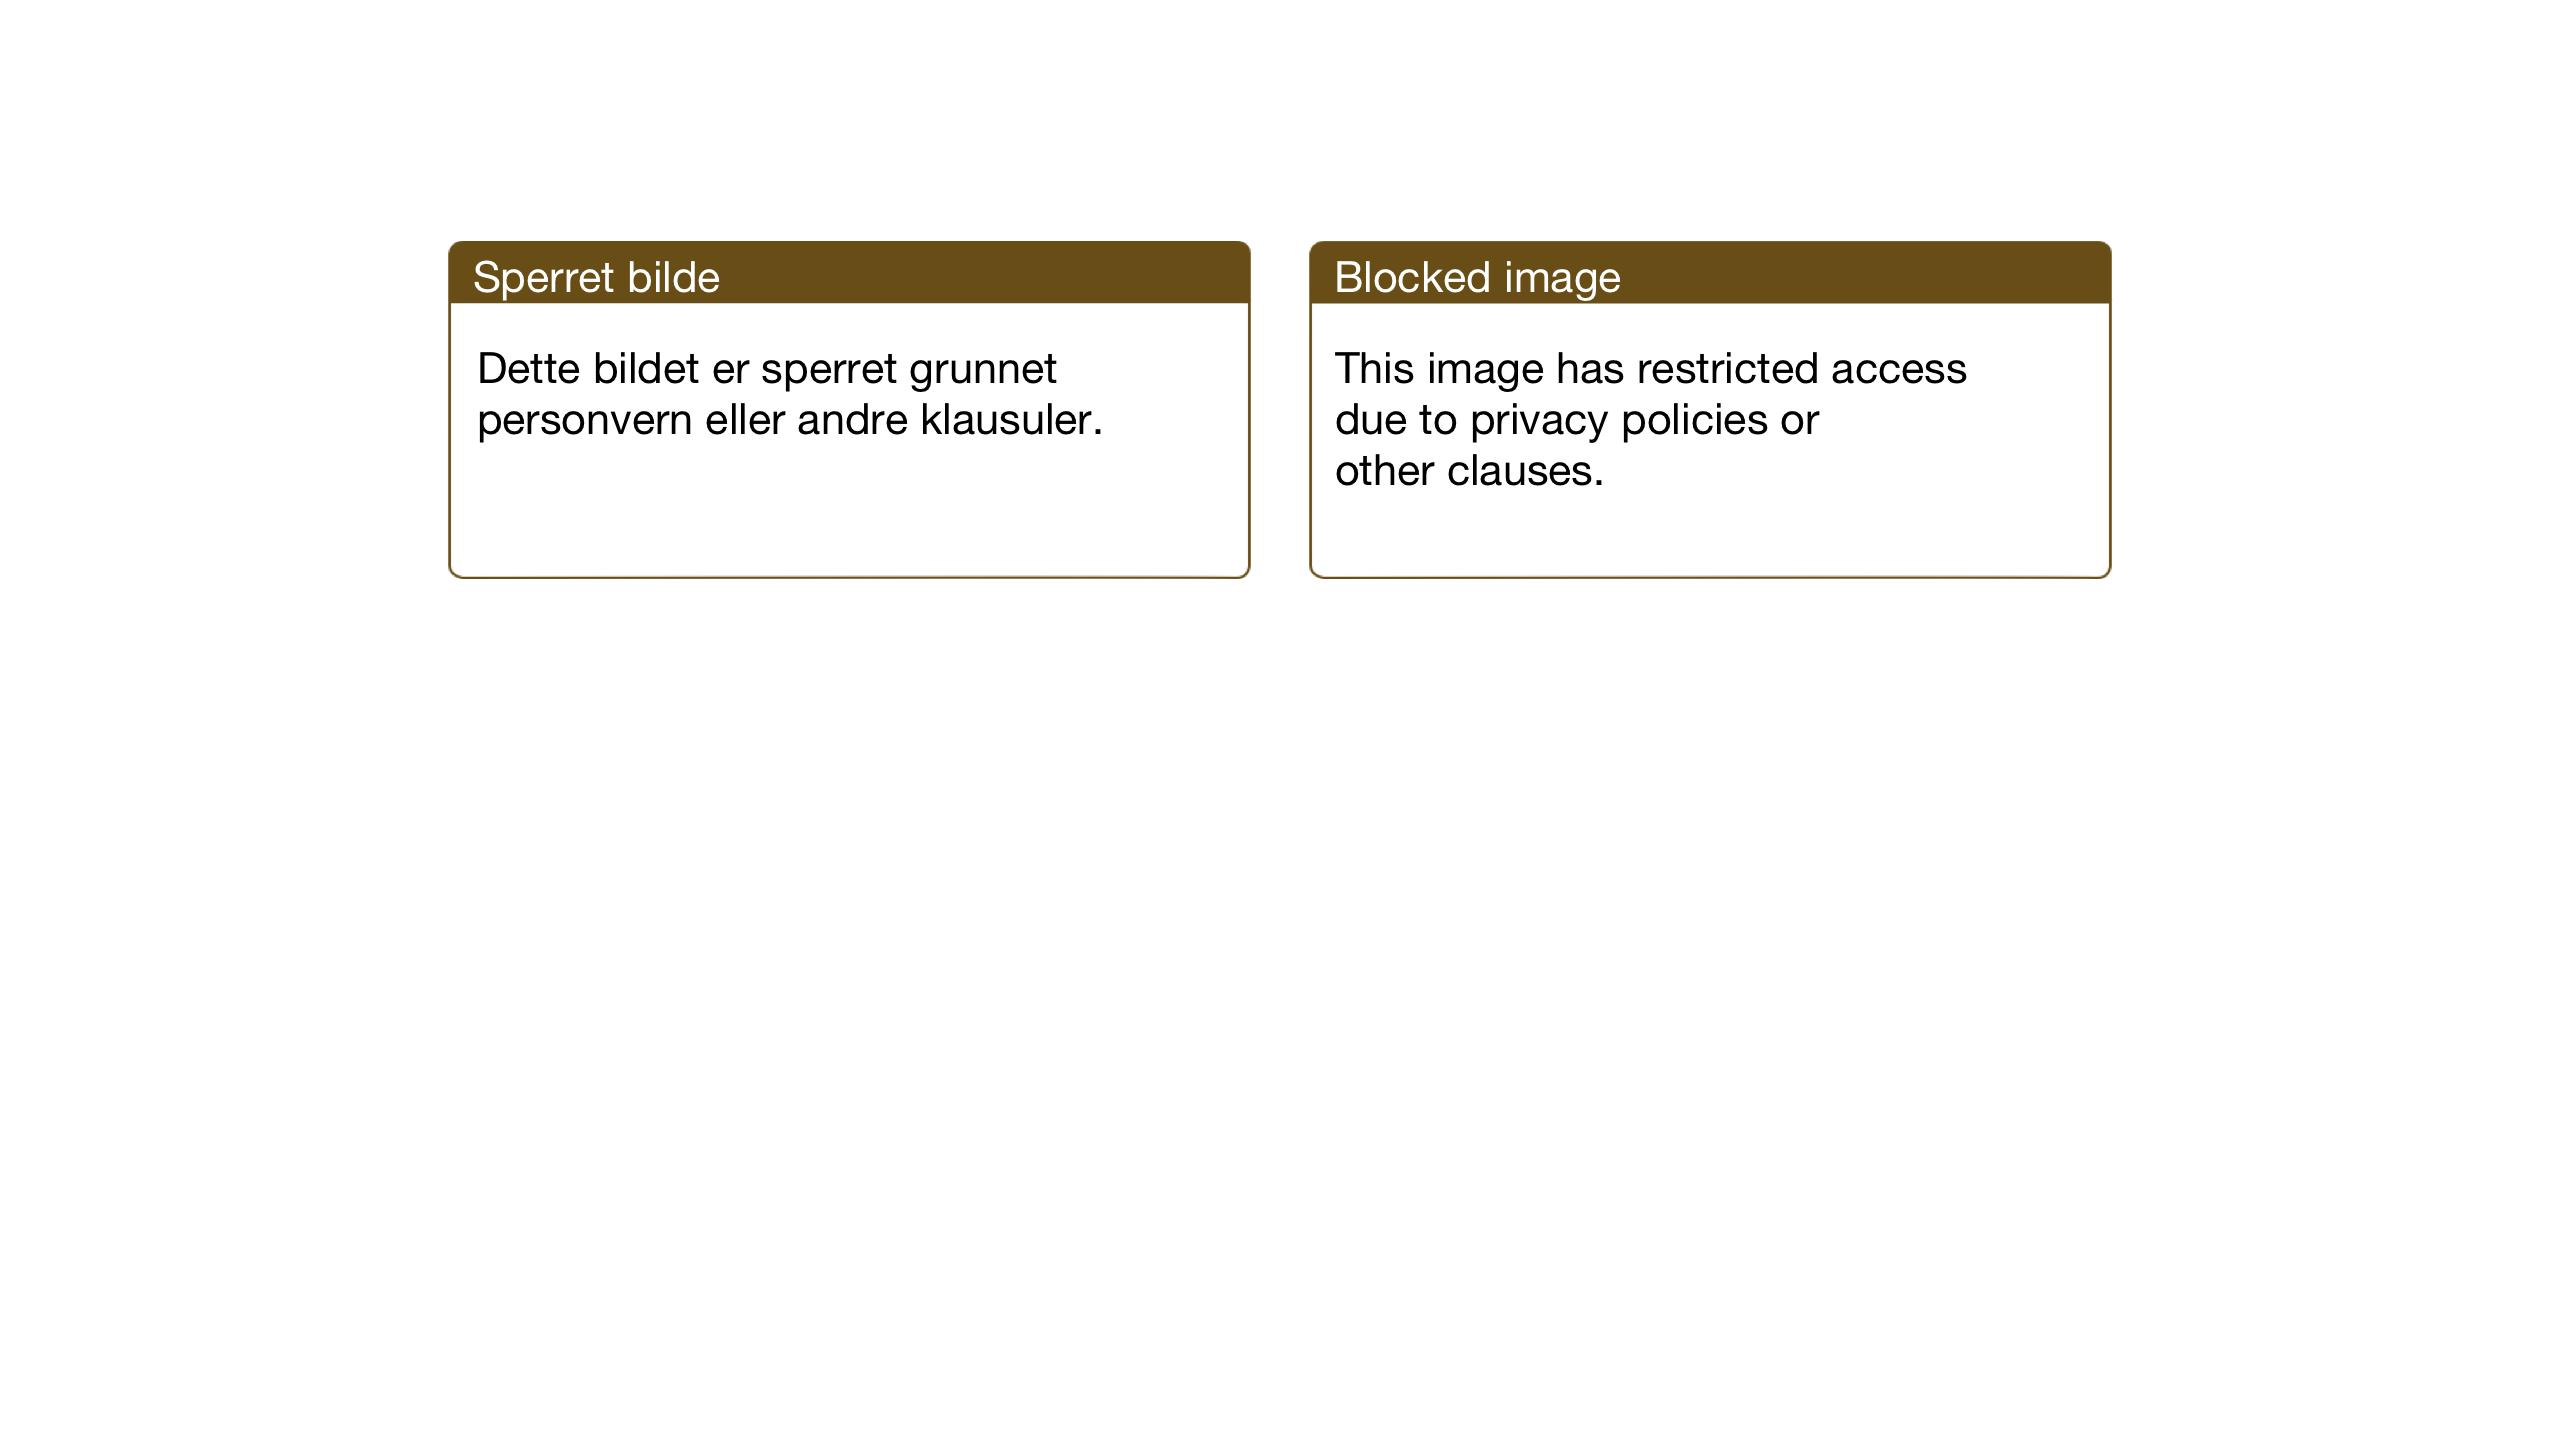 SAT, Ministerialprotokoller, klokkerbøker og fødselsregistre - Sør-Trøndelag, 637/L0564: Klokkerbok nr. 637C05, 1928-1968, s. 67